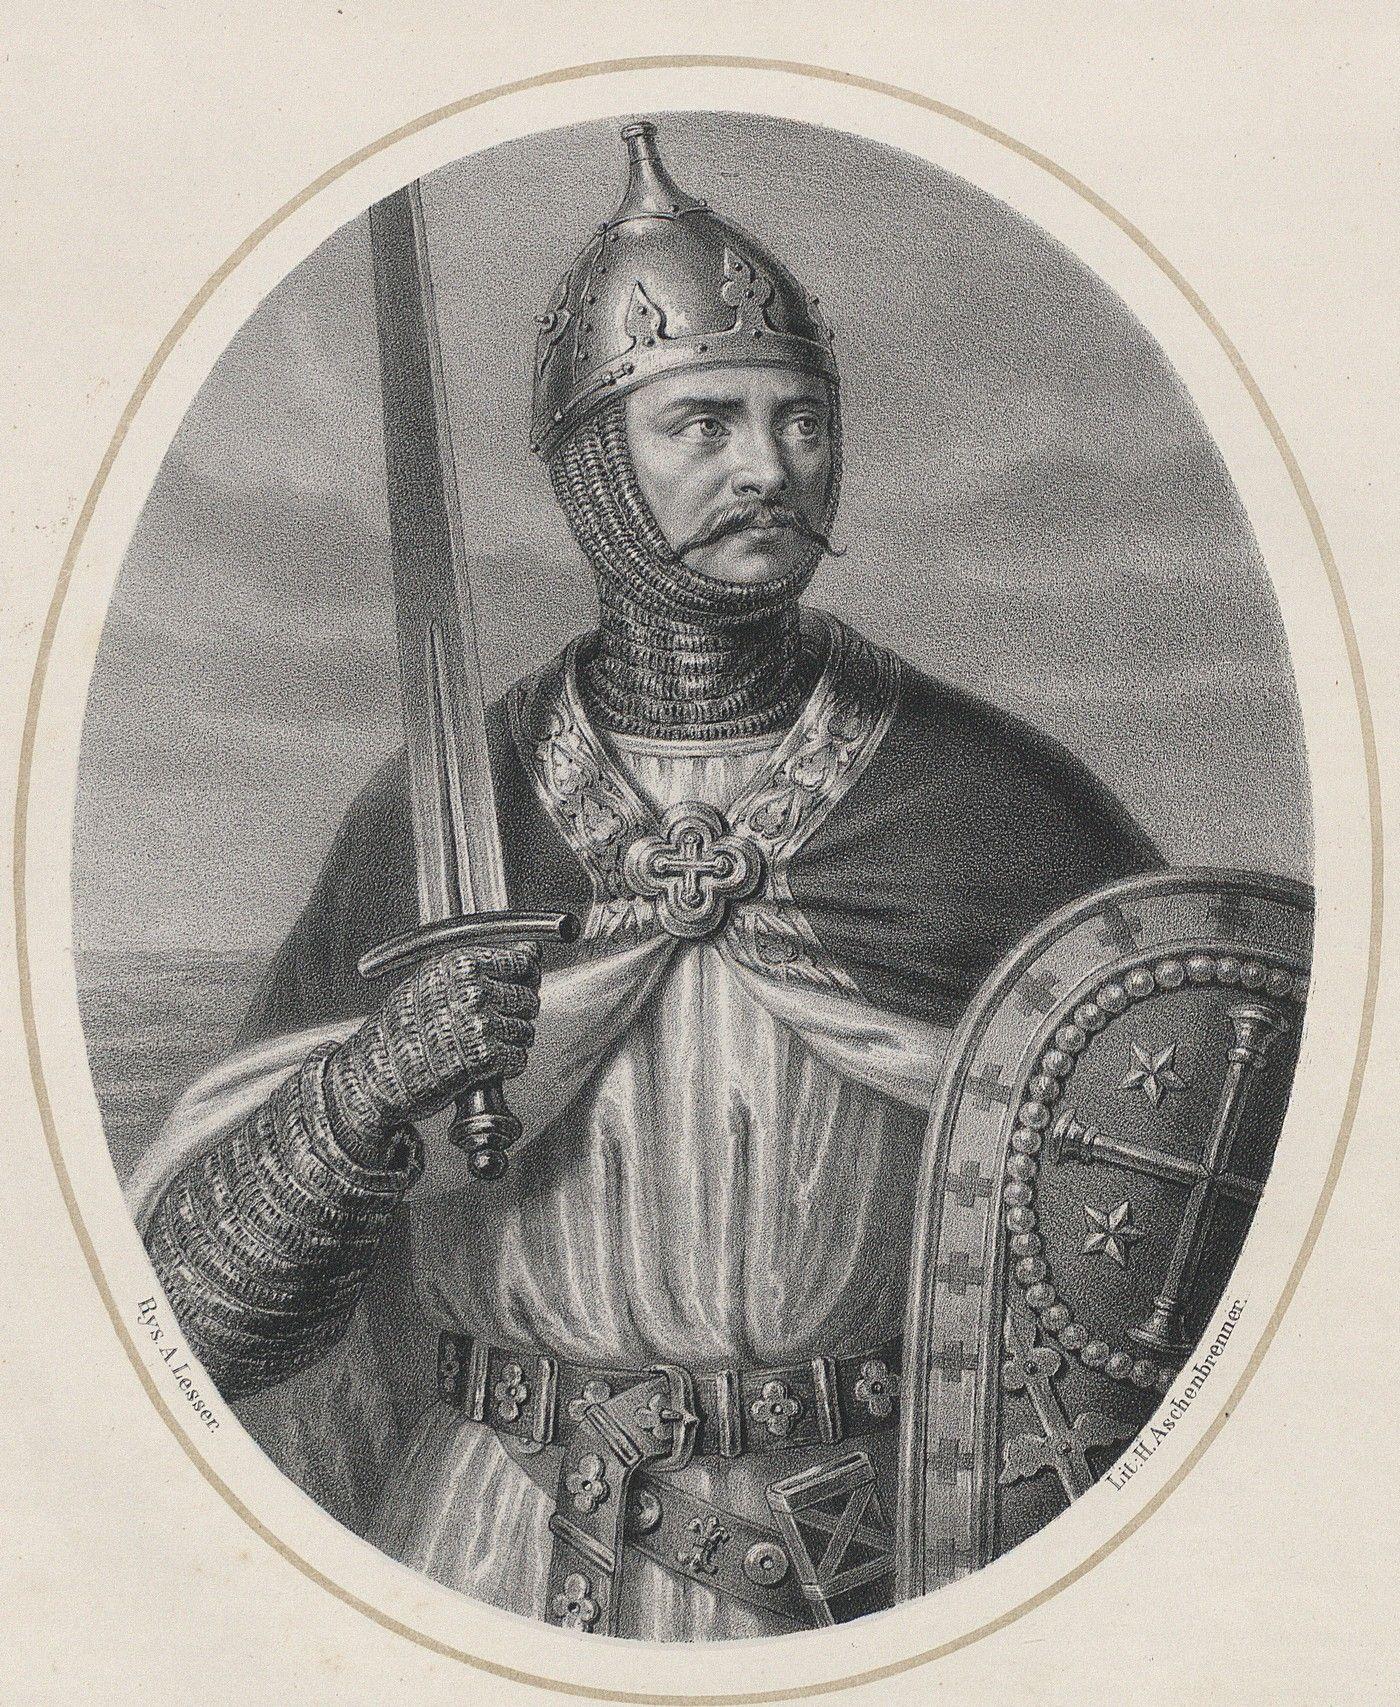 Zdaniem profesora Chwalby Krzywousty powinien był zostawić cała schedę swojemu najstarszemu synowi Władysławowi.